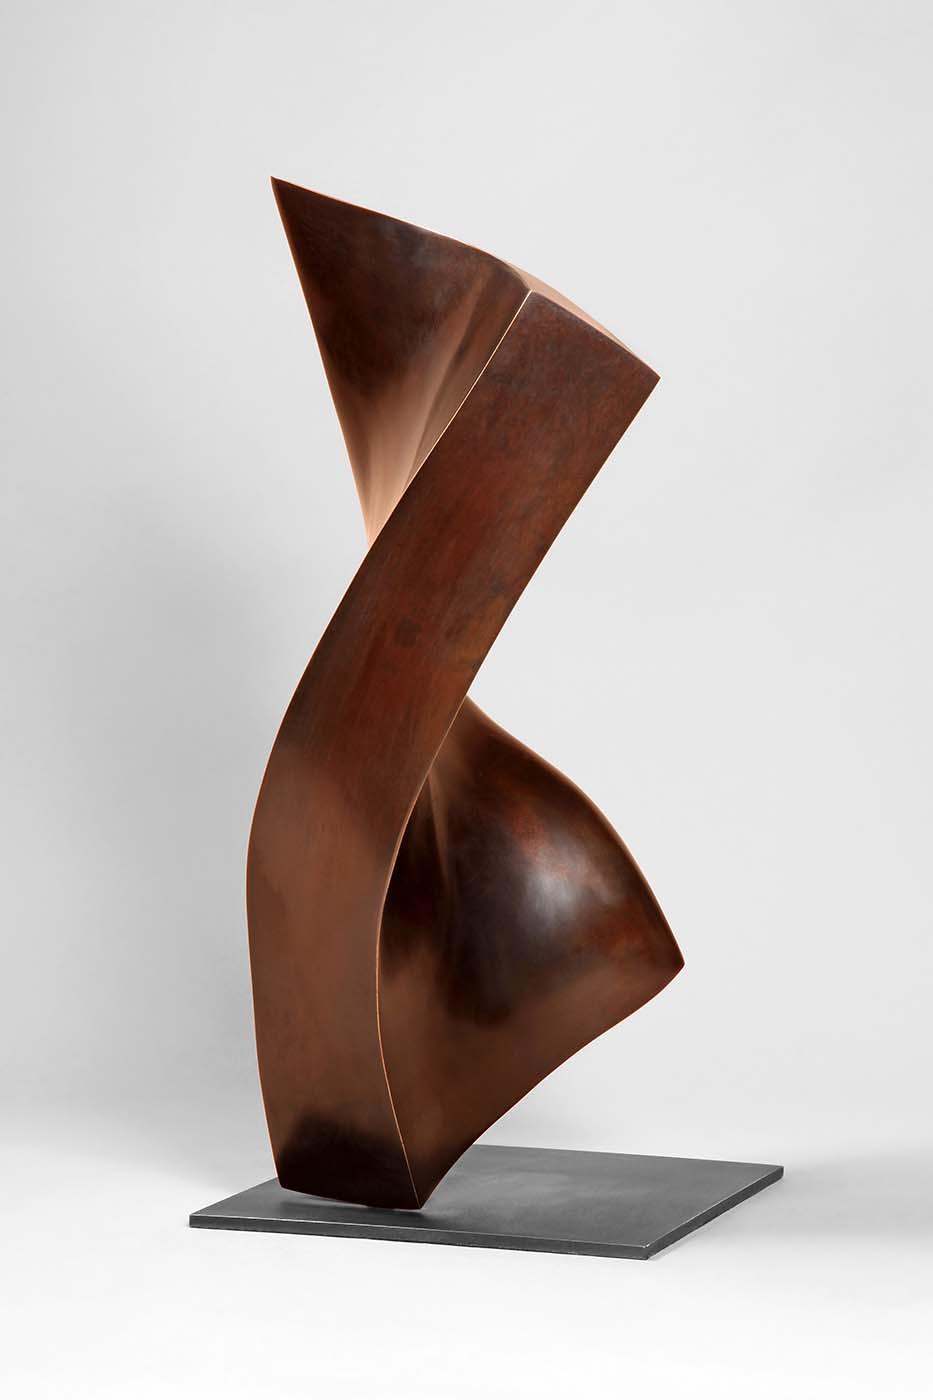 Cosi fan tutte, 2014, Bronze, 38 x 22 x 38 cm